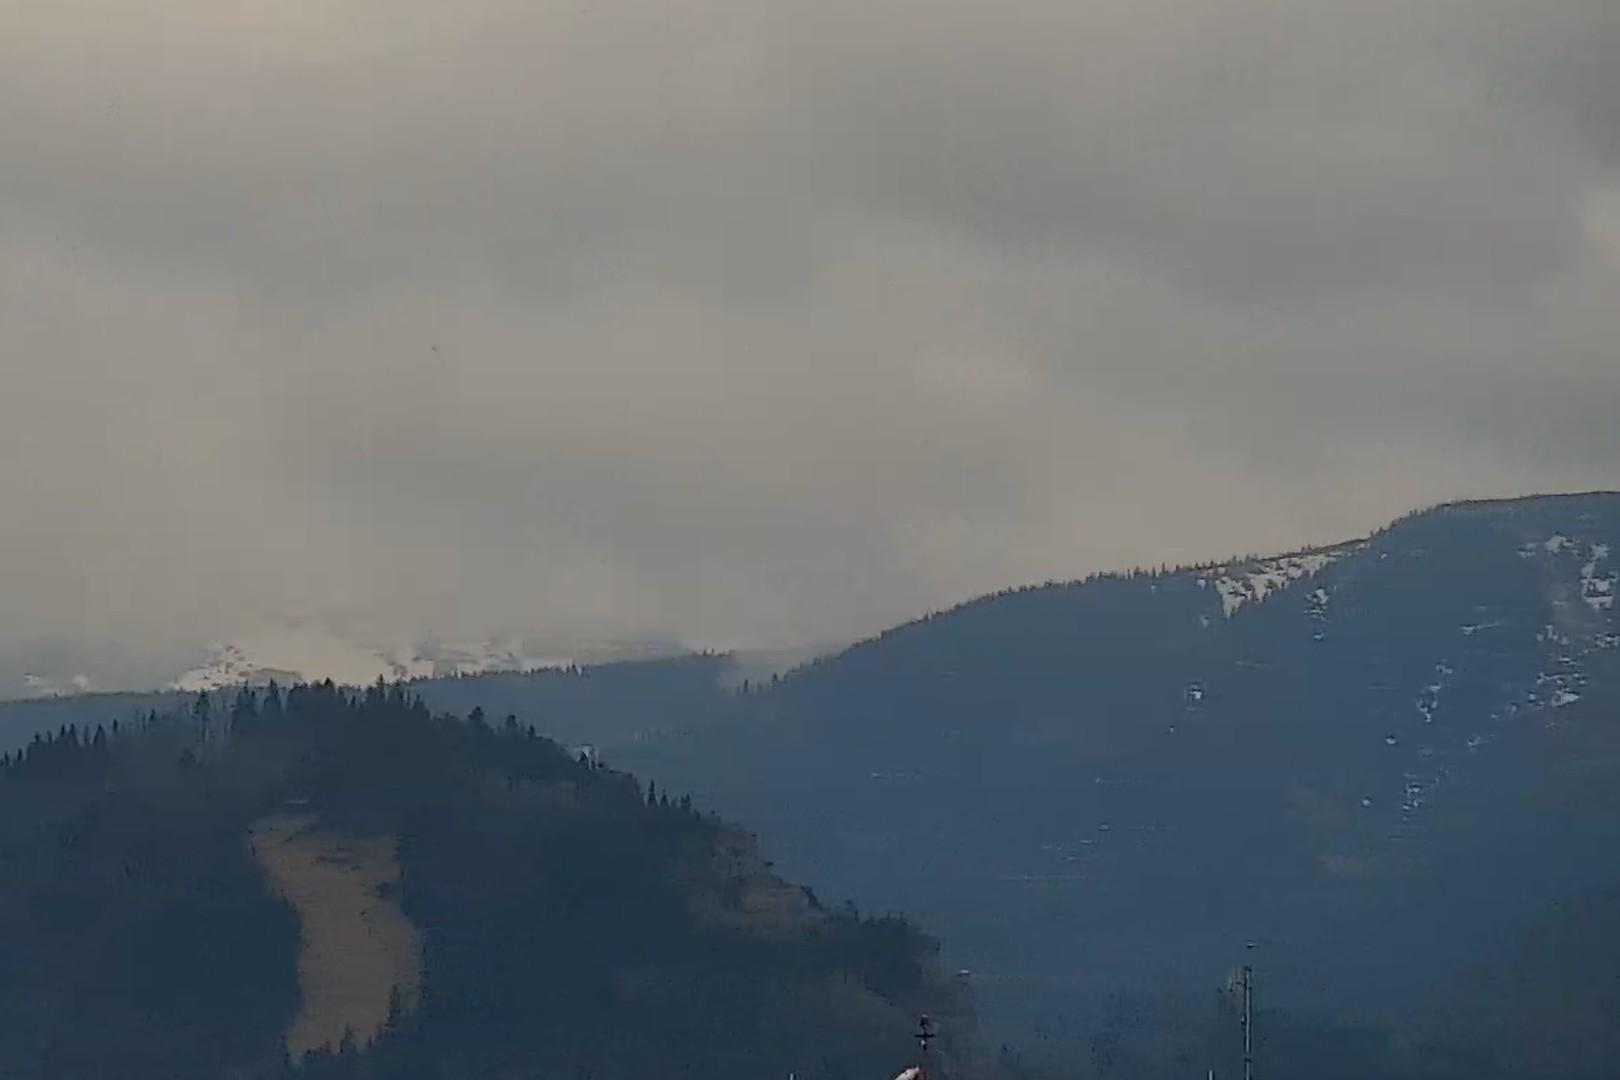 TOPR ostrzega przed niekorzystną pogodą w górach